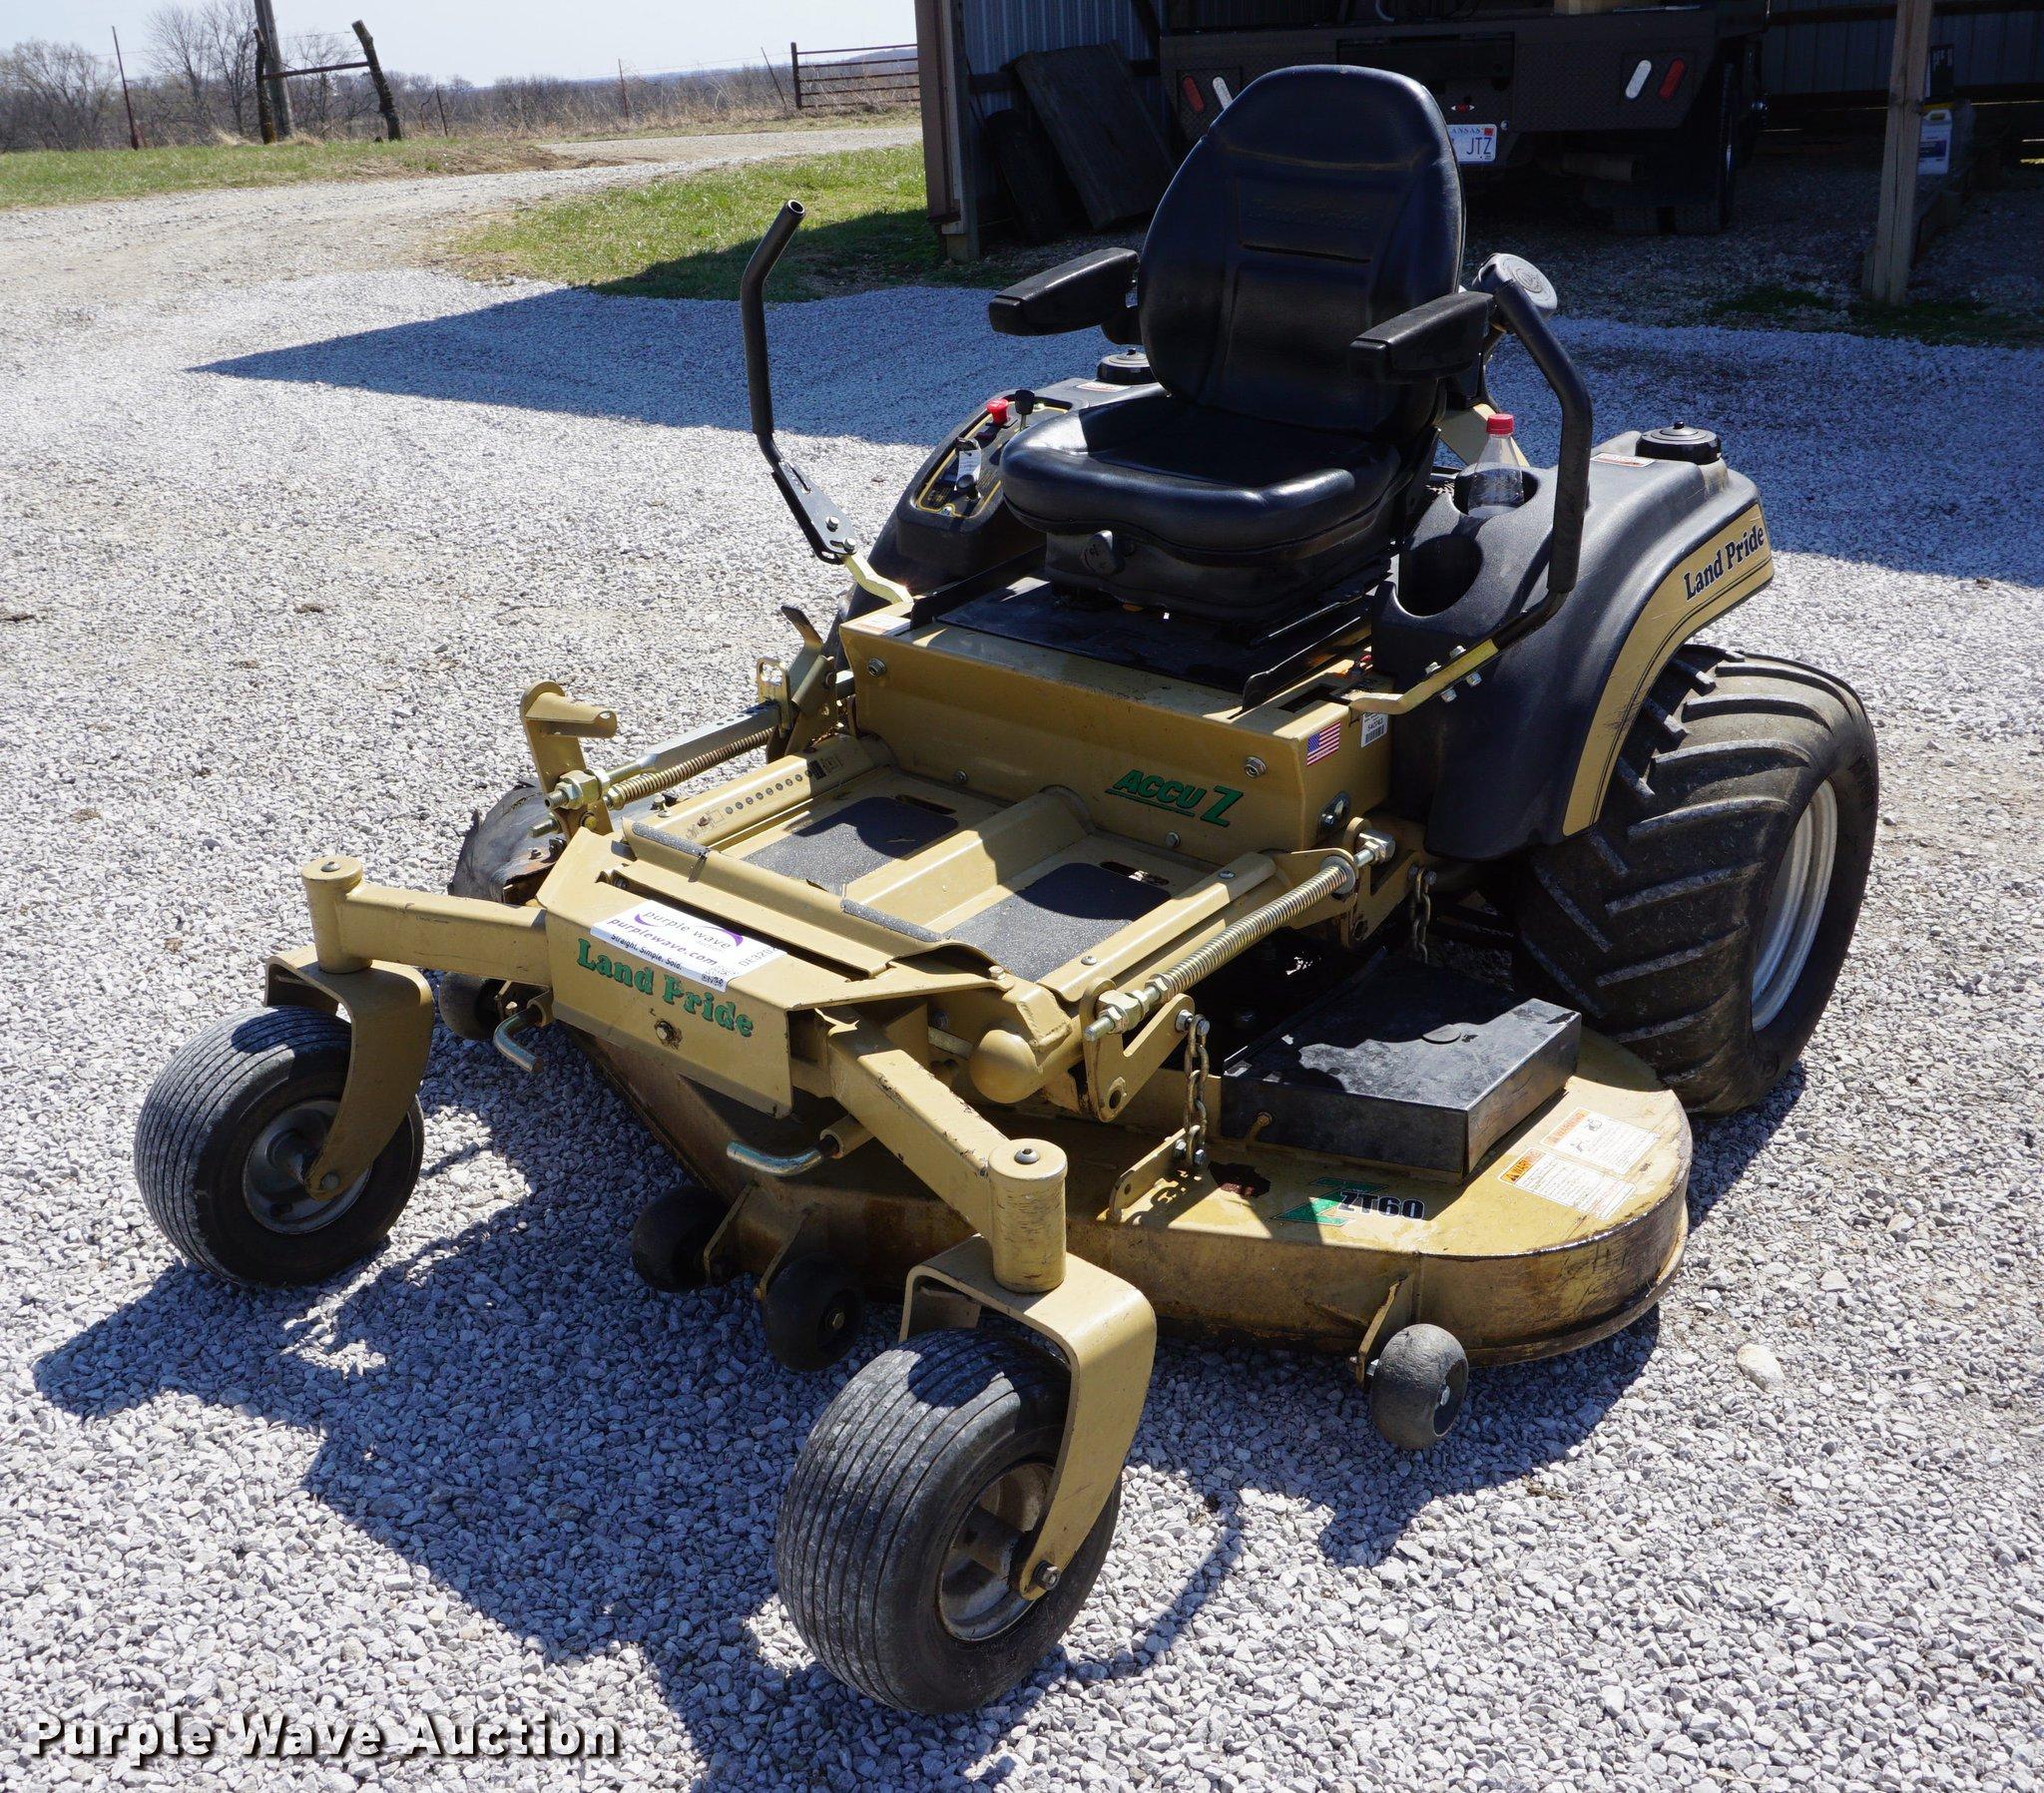 de3202 image for item de3202 land pride zt60 lawn mower